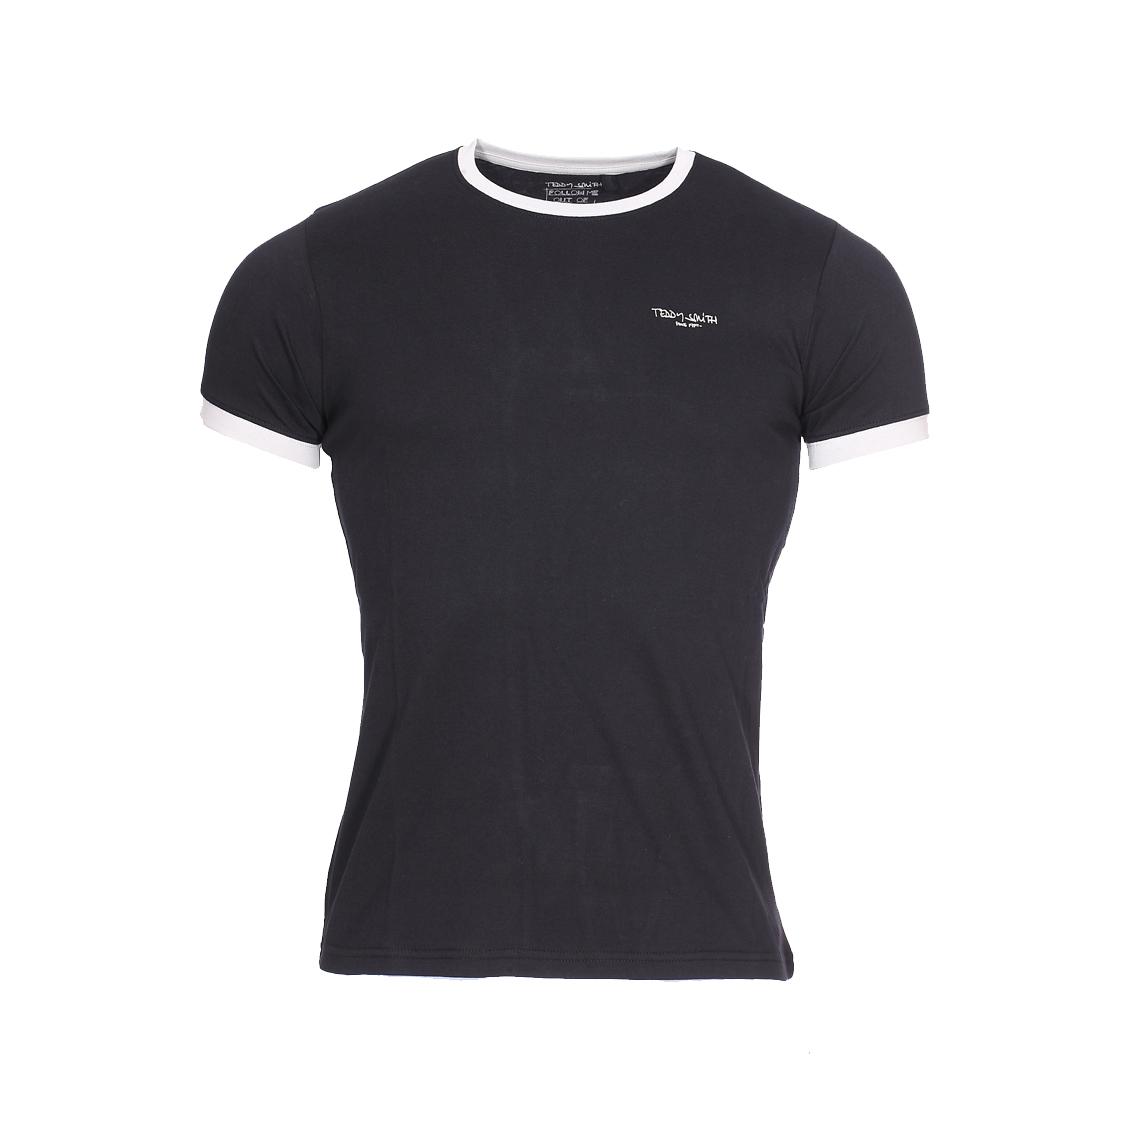 Tee-shirt col rond  en coton noir et gris